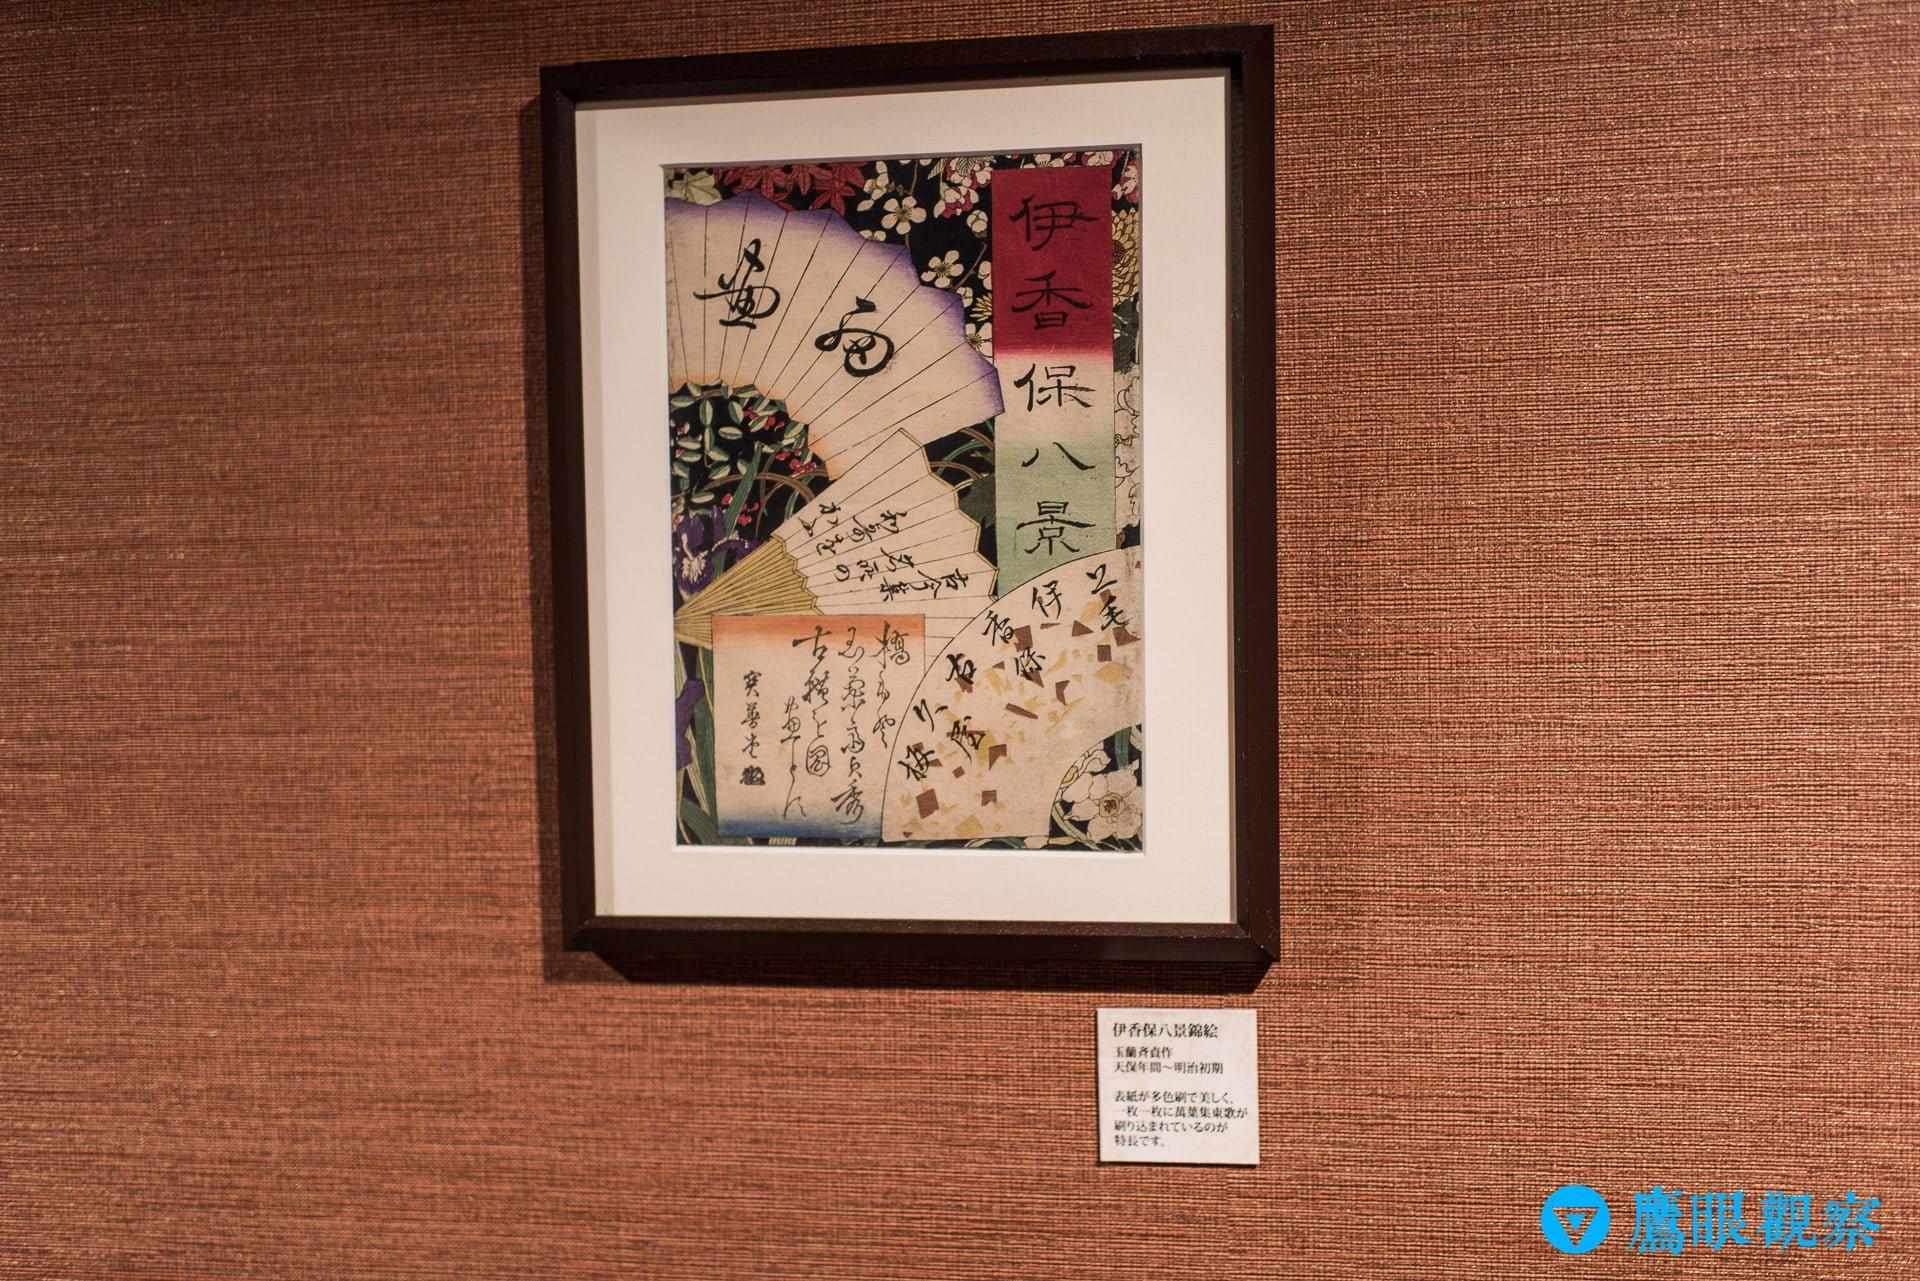 travel Japan gunma kishigon ryokan hotel in izumo spa hot spring 66 群馬縣伊香保溫泉「岸權旅館」日本旅館住宿推薦